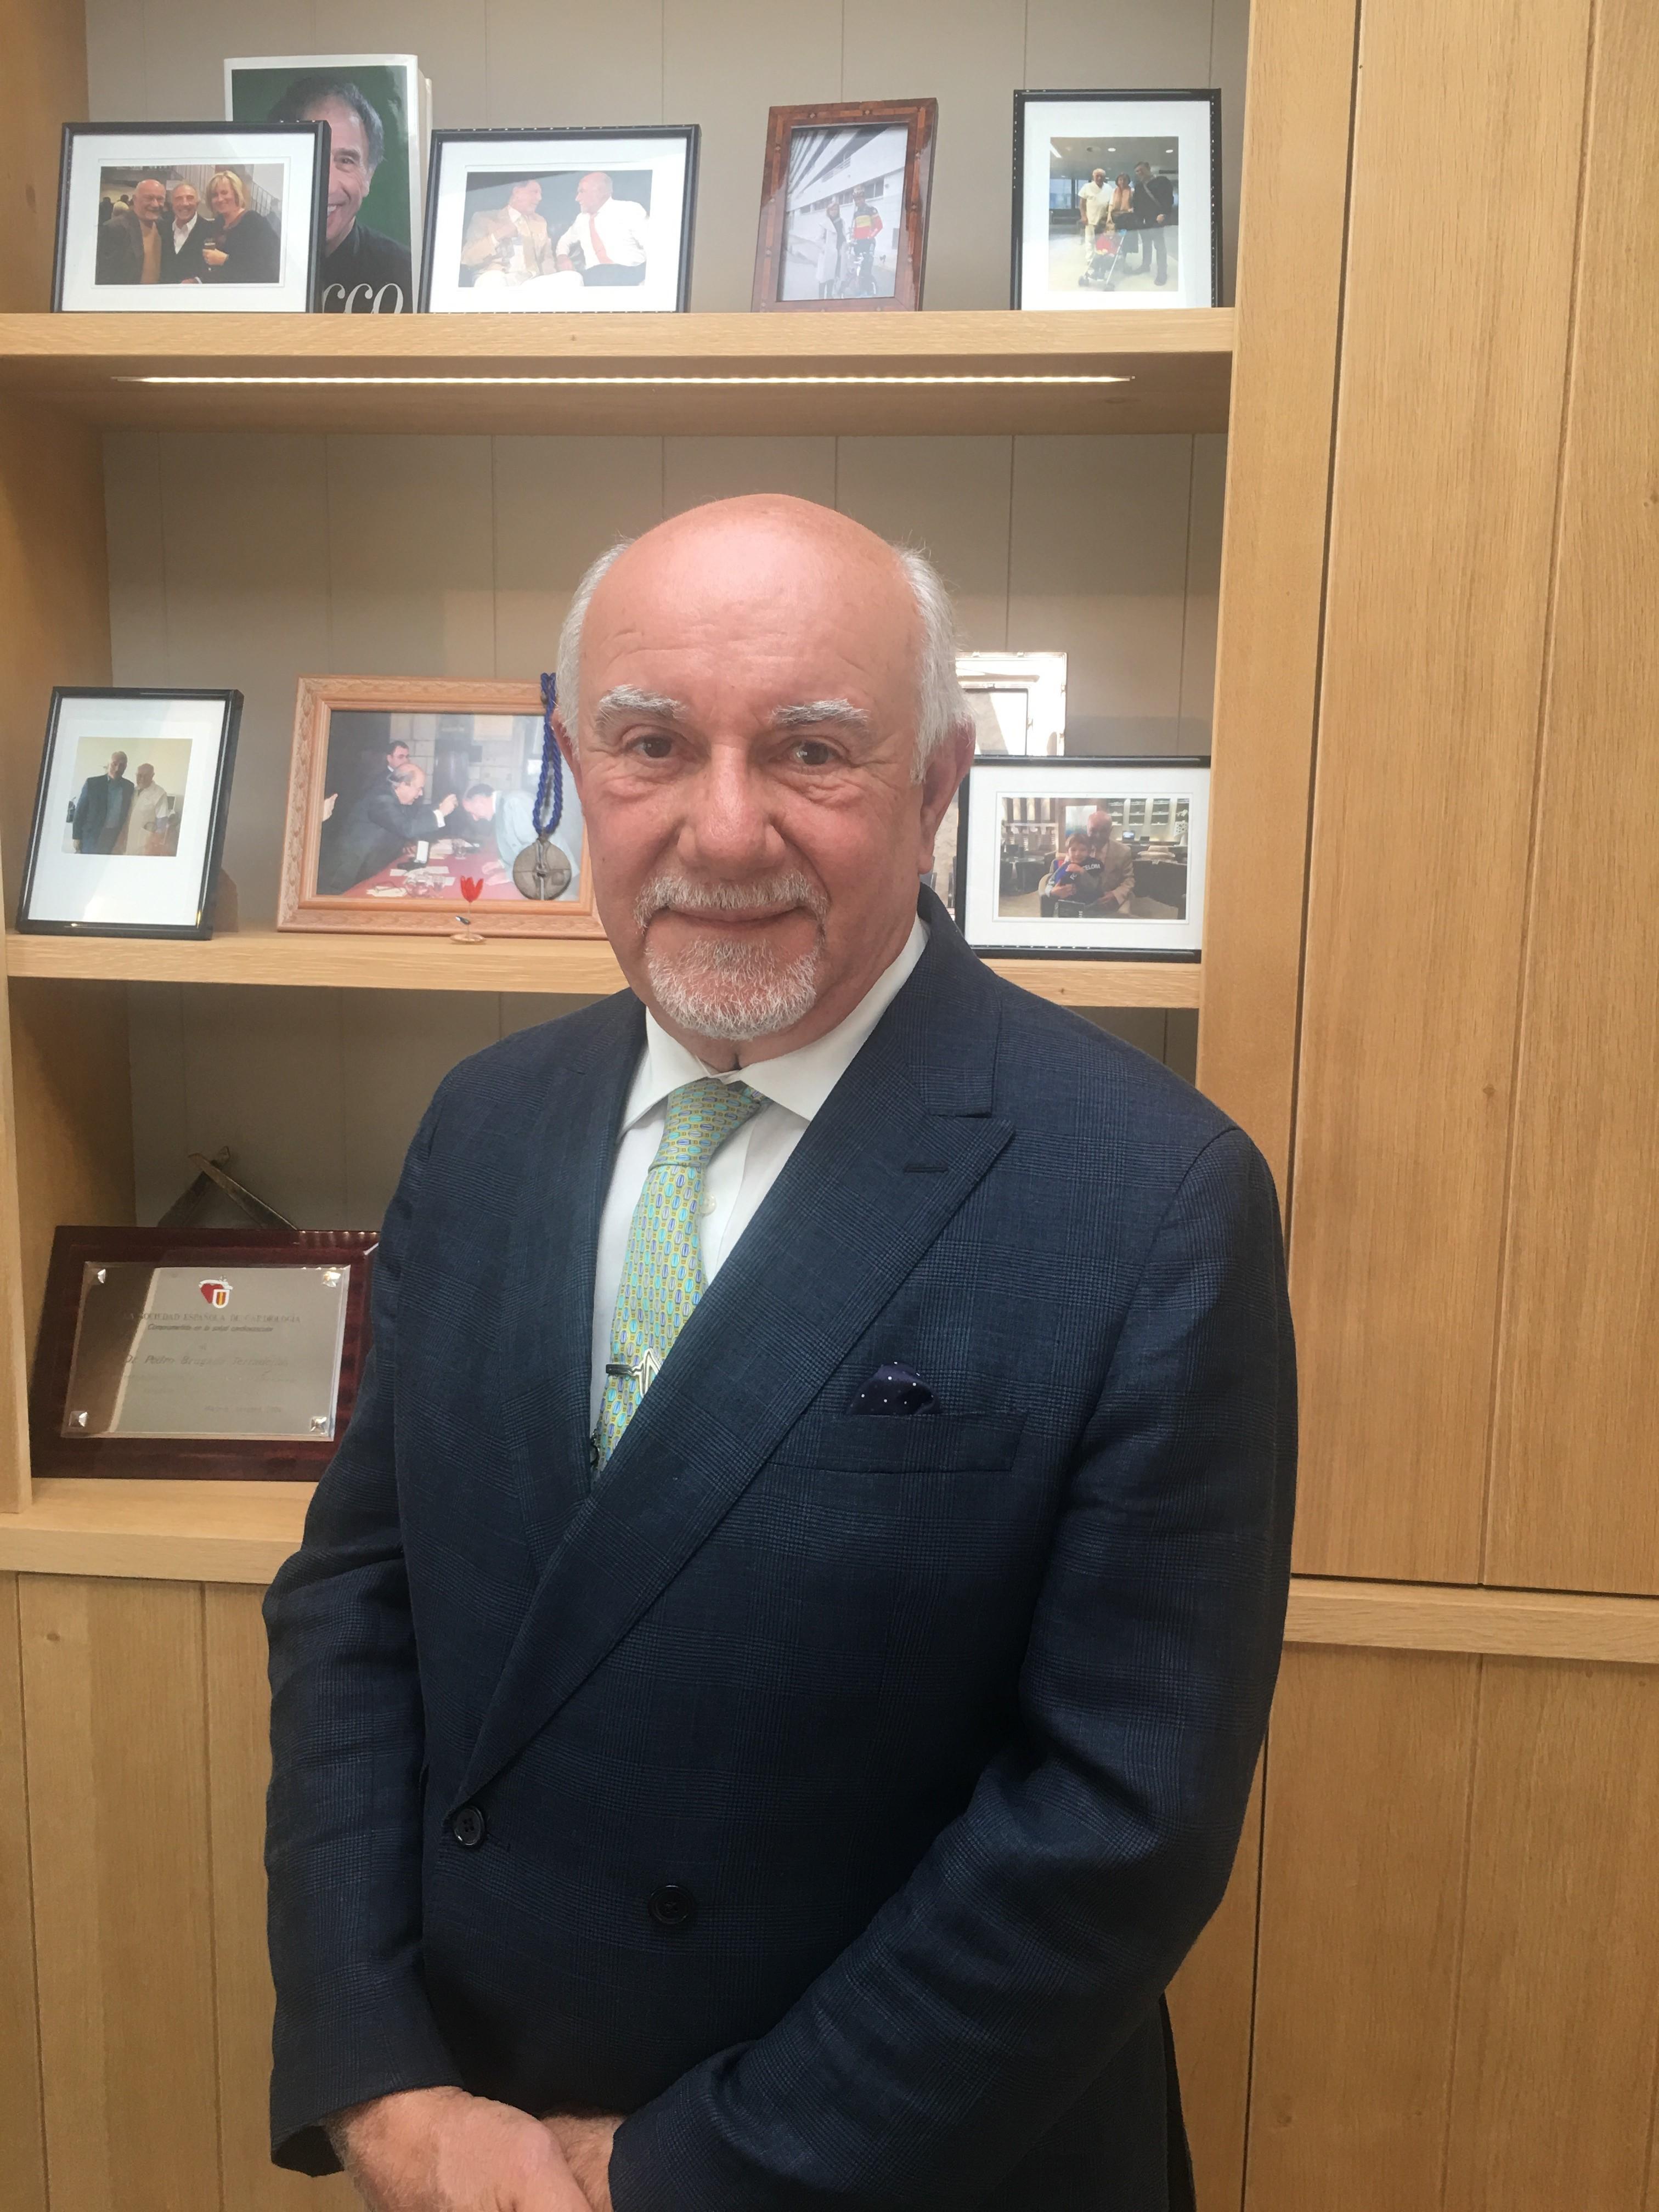 El Dr. Pedro Brugada recibe el Gran Premio Científico del Instituto de Francia